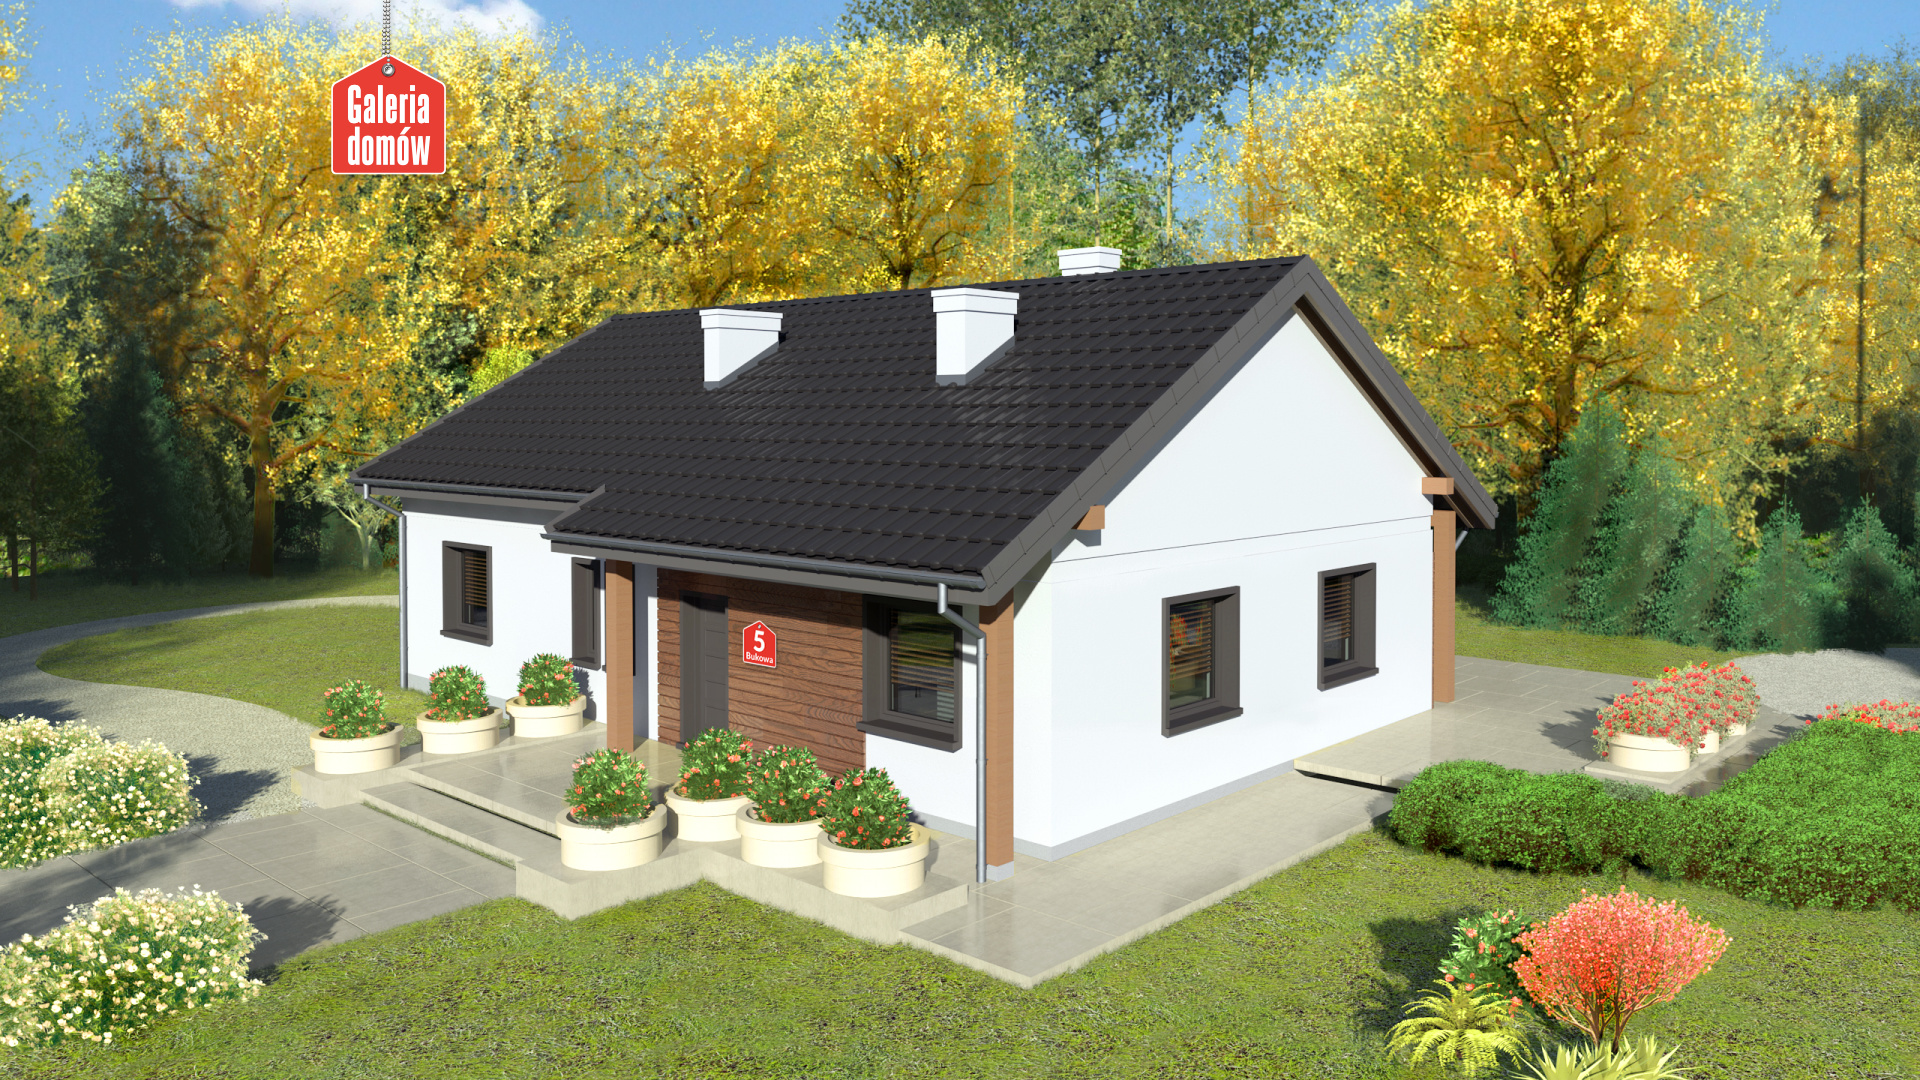 Dom Przy Bukowej 5 Gotowy Projekt Domu Jednorodzinnego